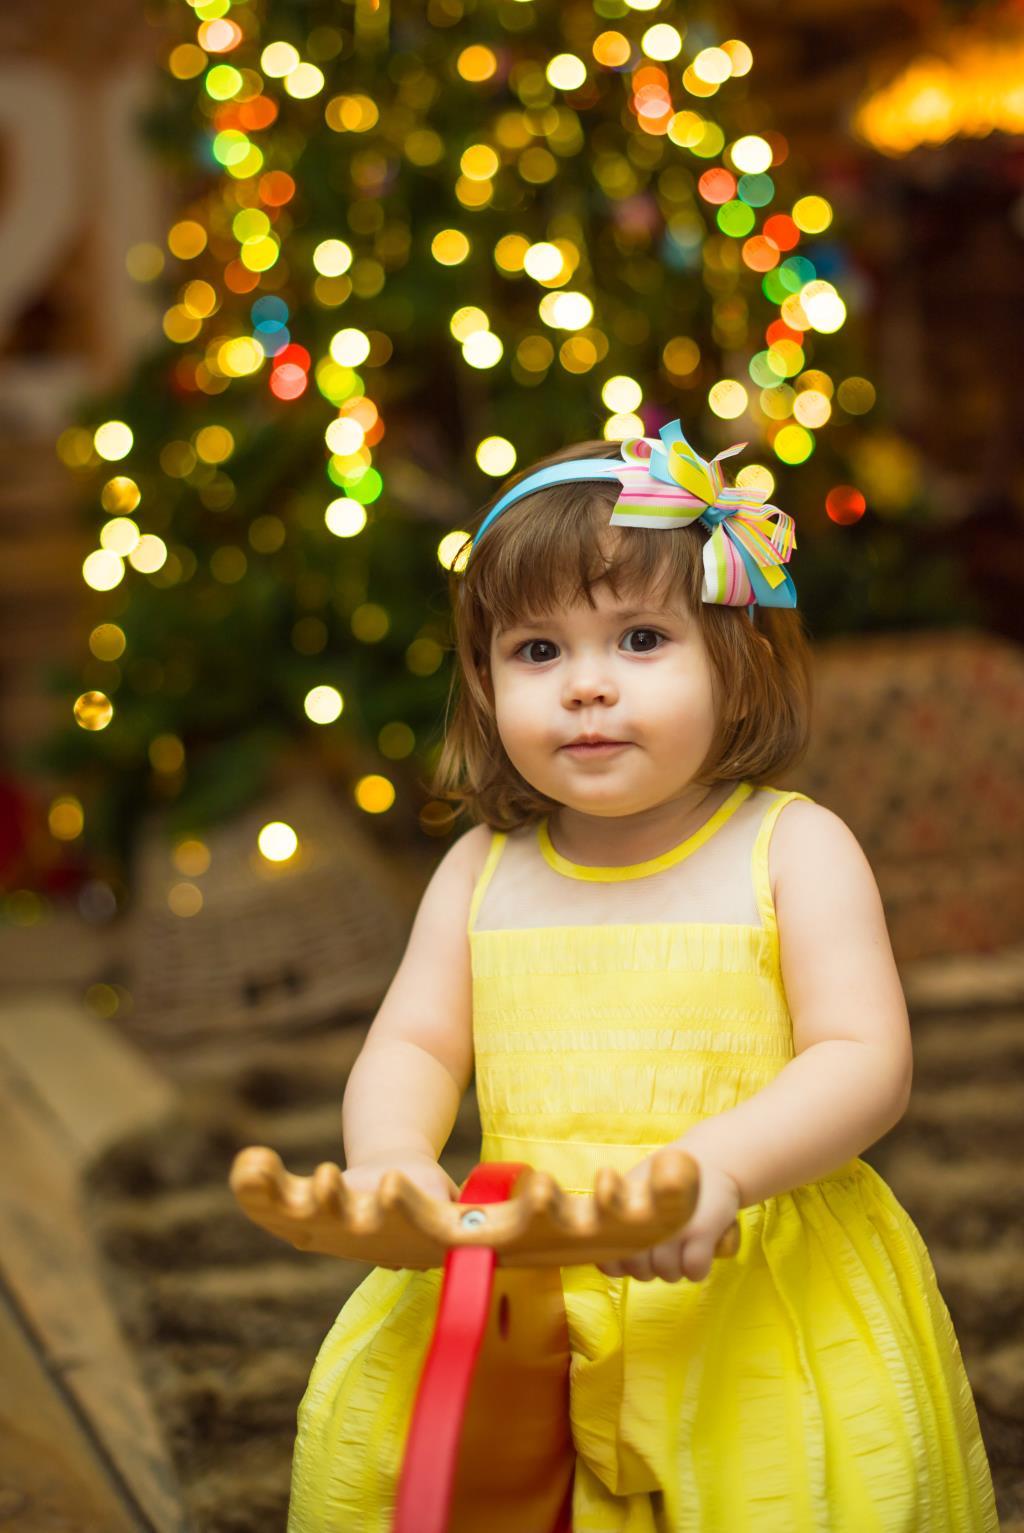 Новы год - это новое платье. Да, мама?. Принцесса собирается на бал